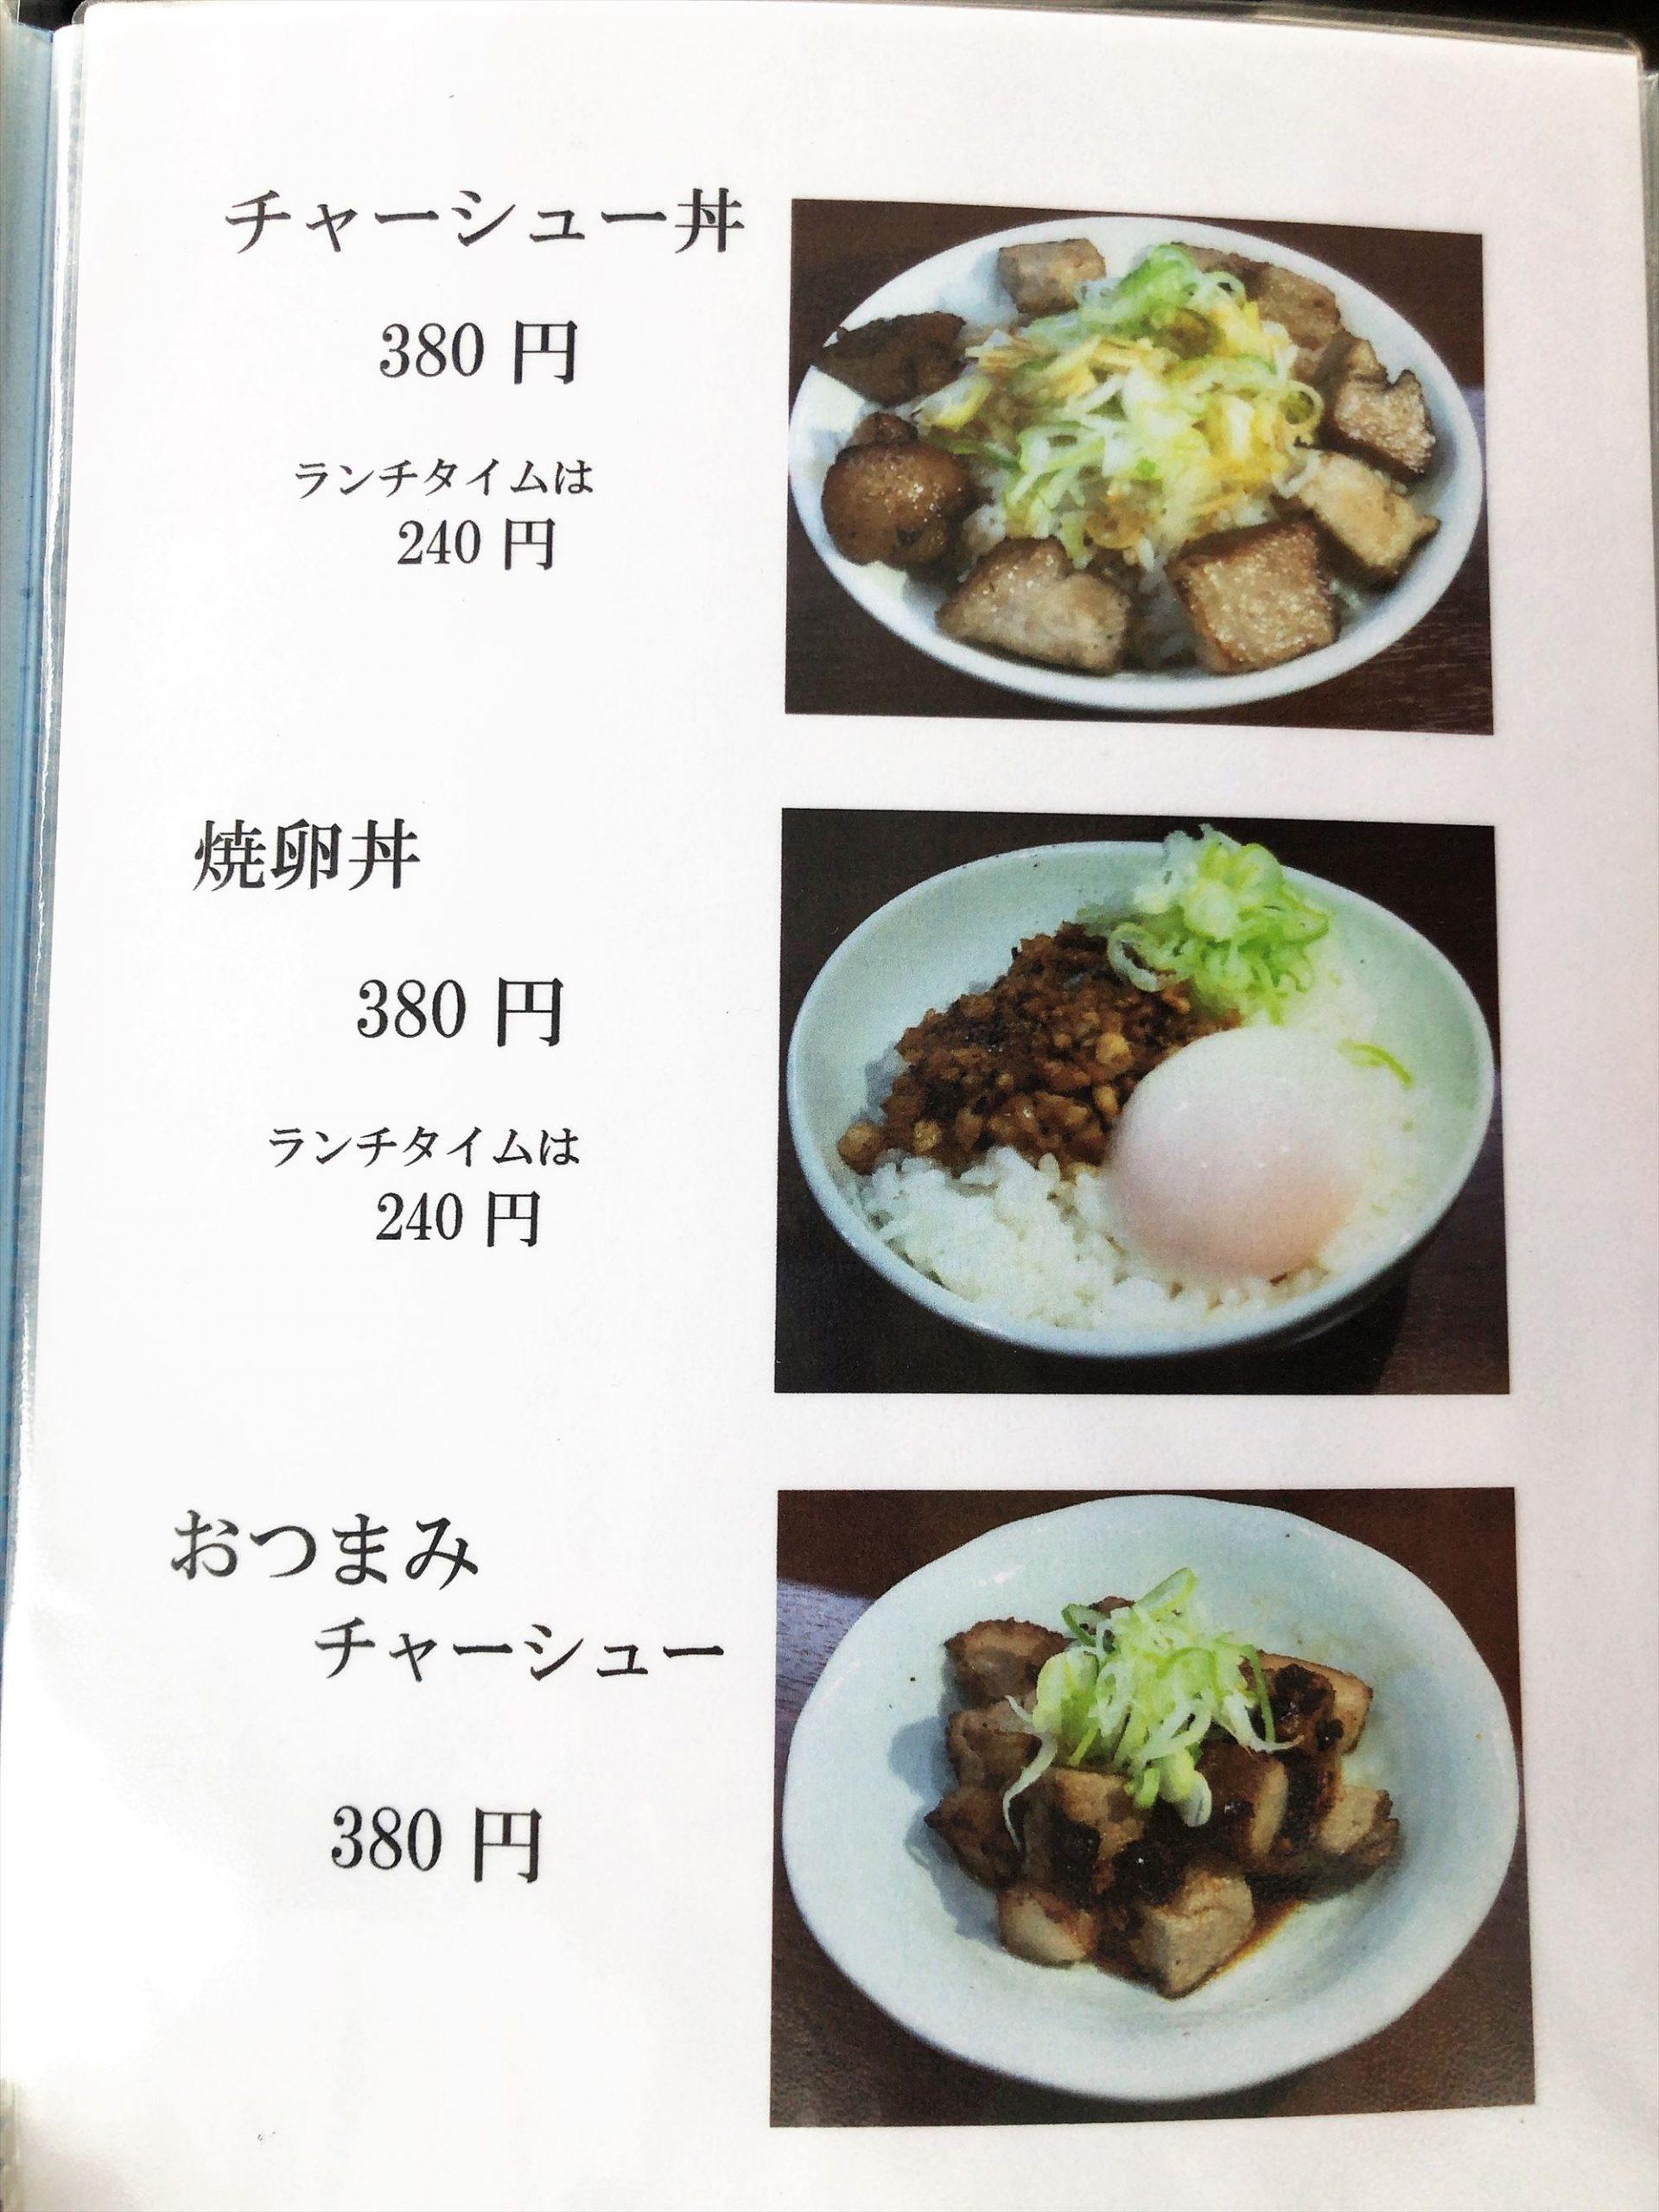 とみ うき 麺 処